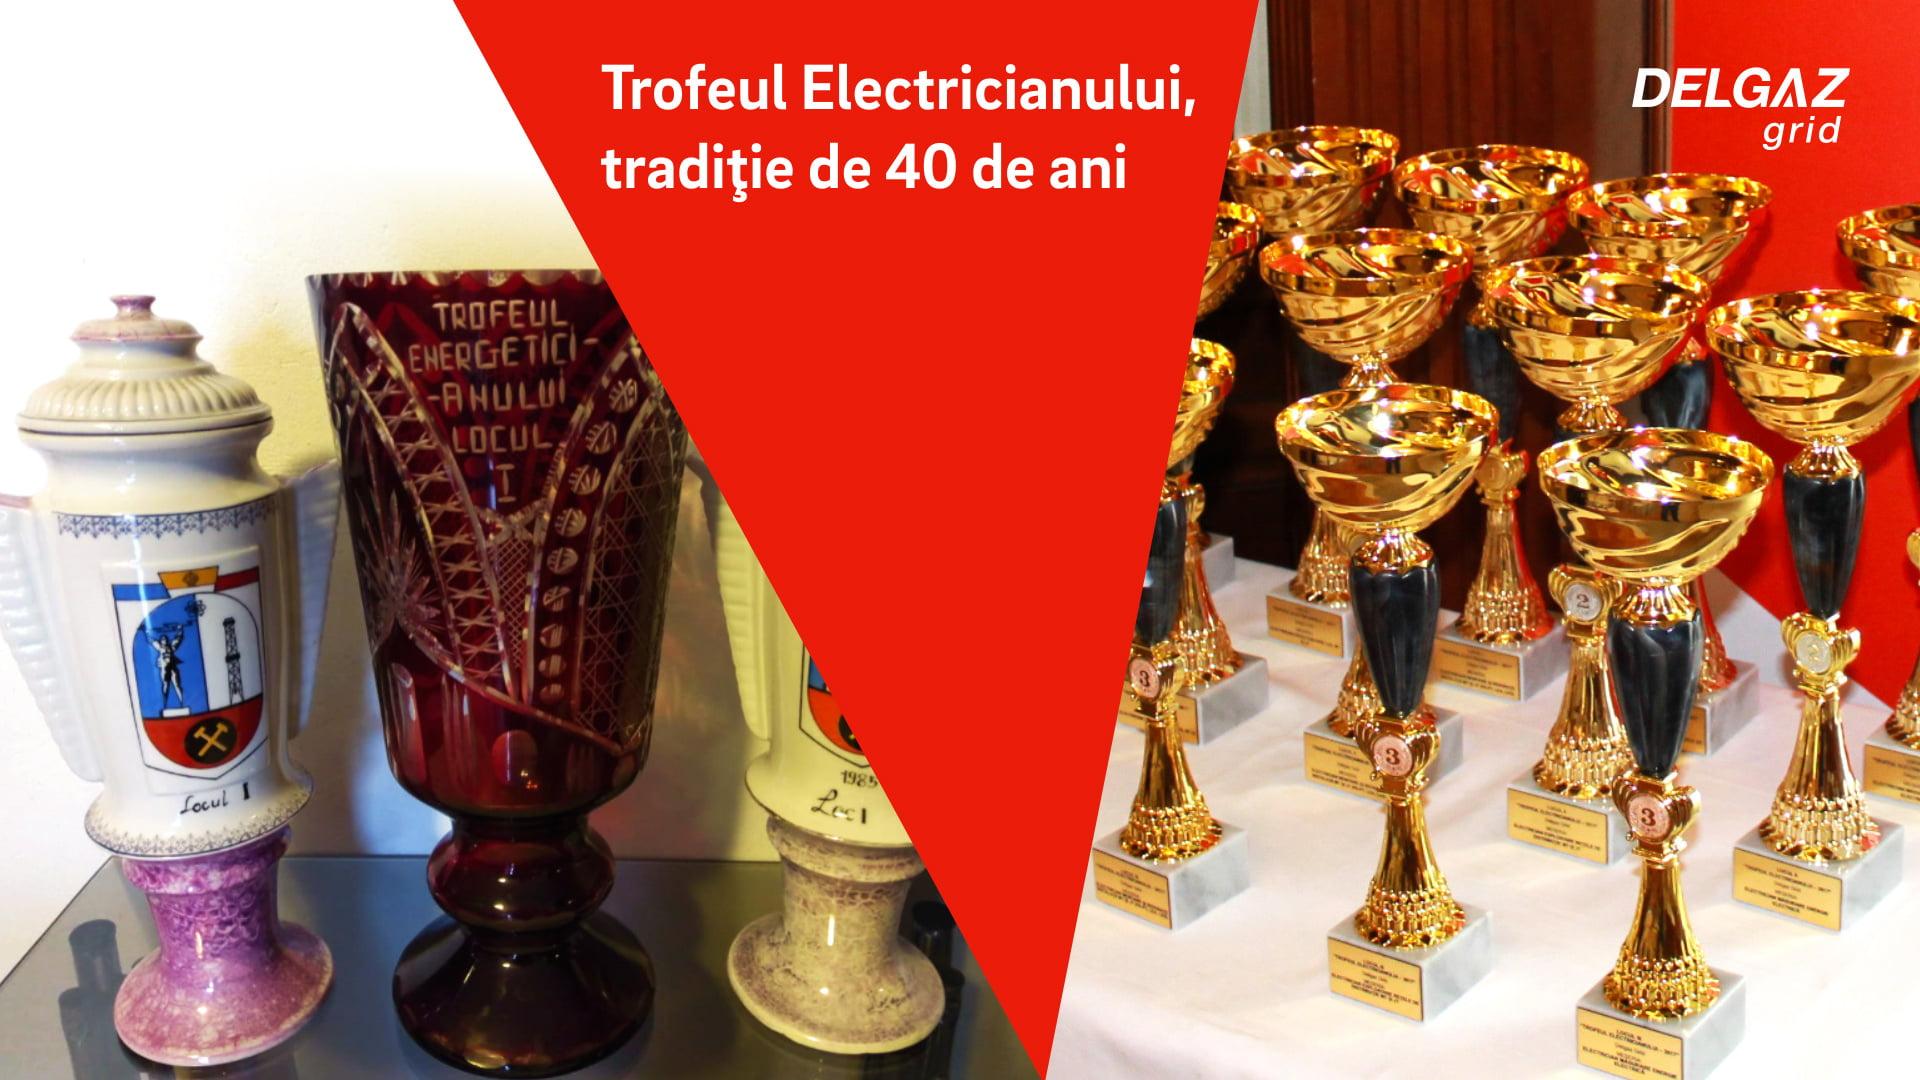 Electricienii Delgaz Grid intră în competiţie pentru Trofeul Electricianului